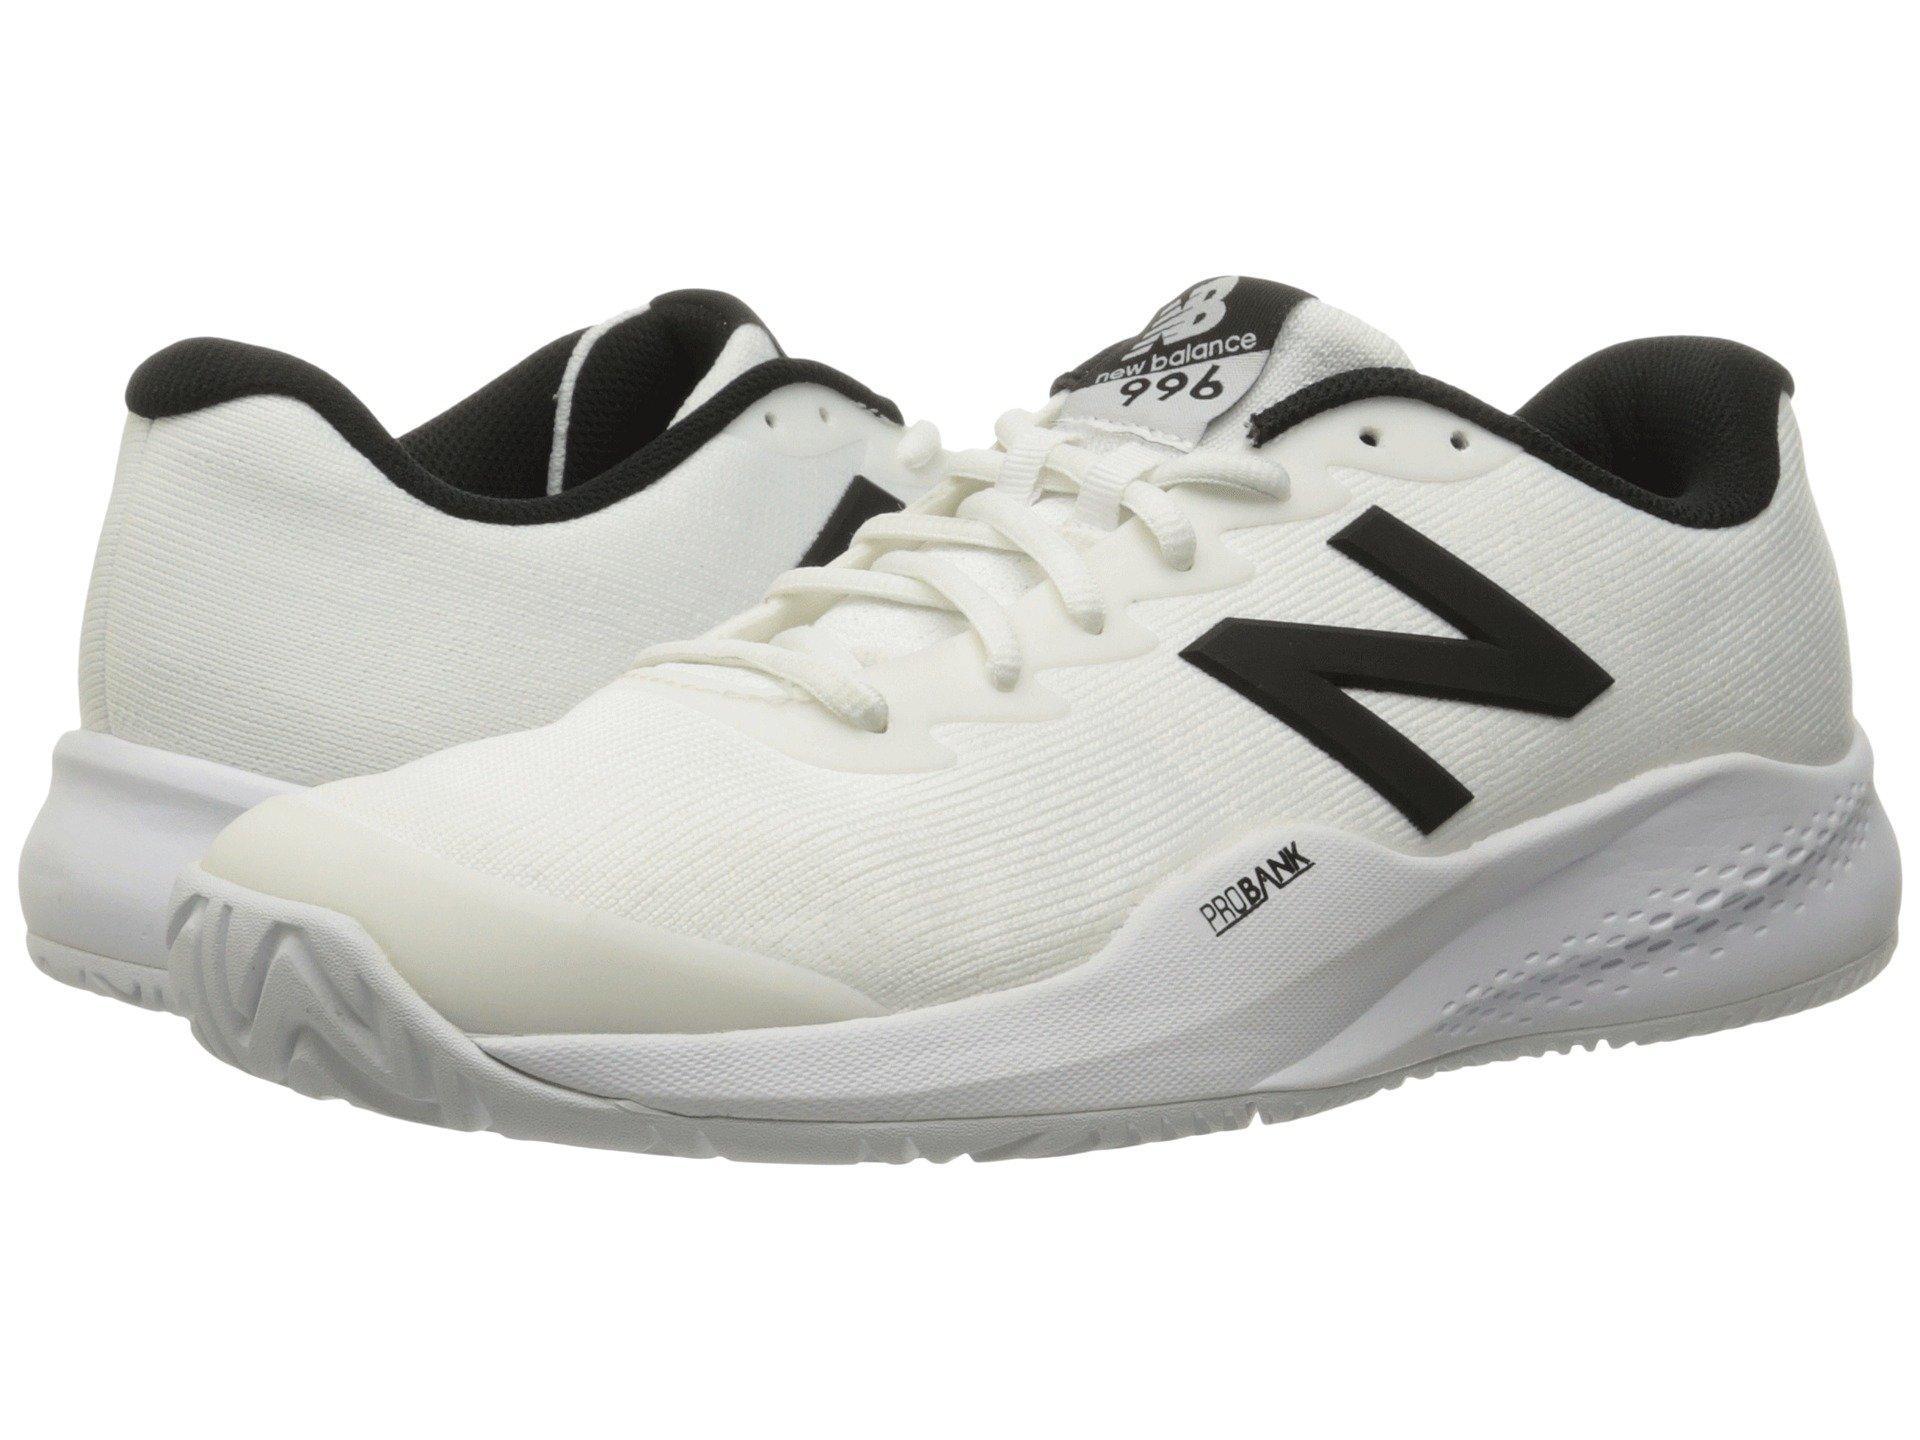 Mc996v3, White/black